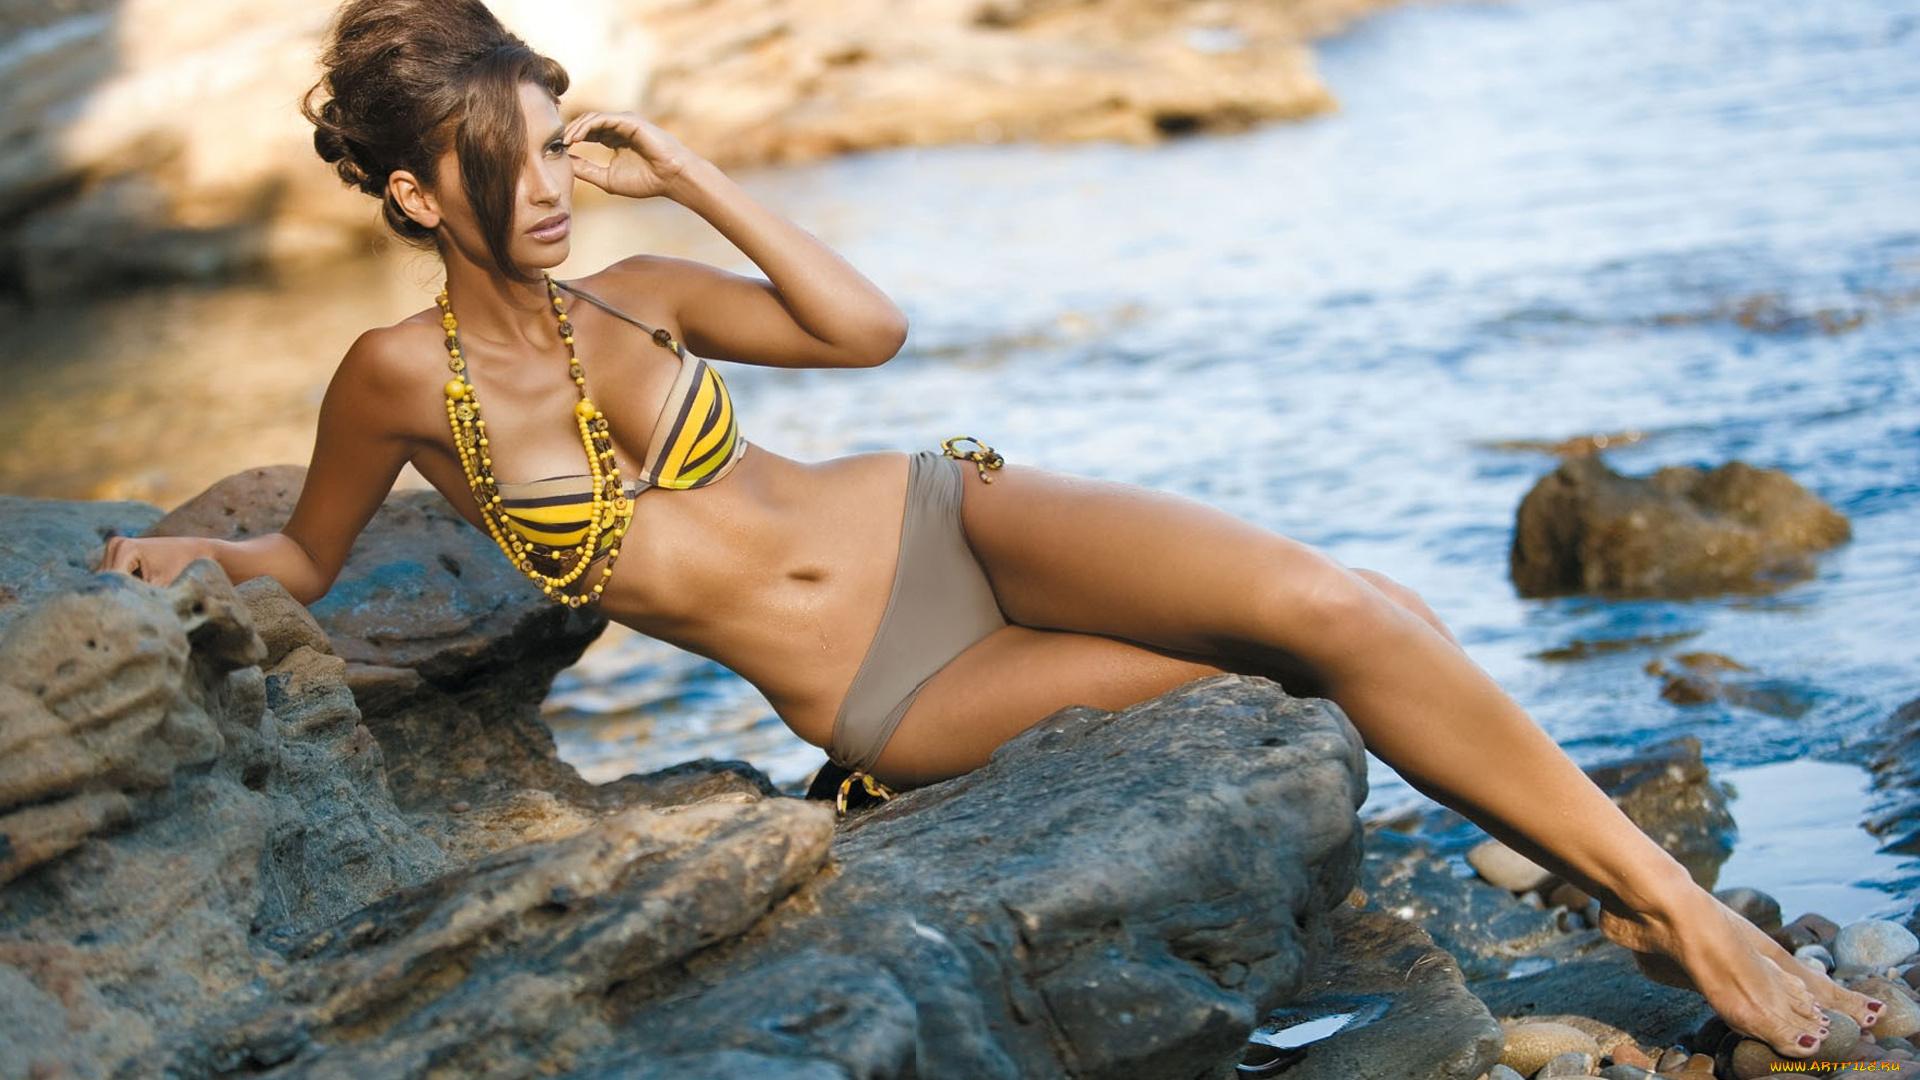 Фото девушки на скалах в купальнике